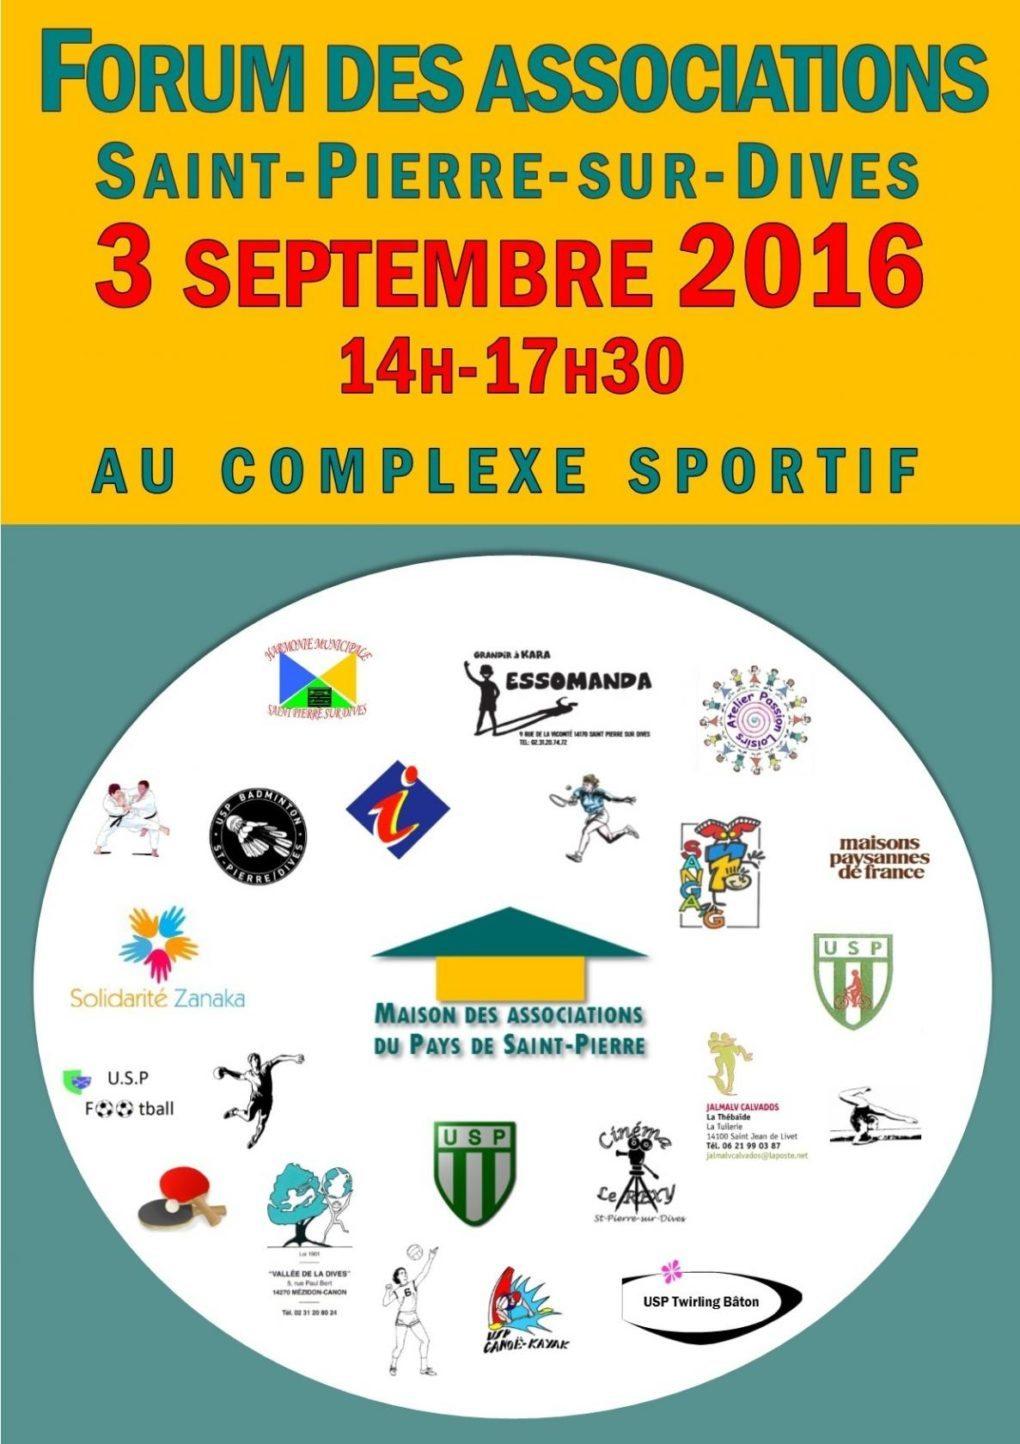 Forum des associations Saint-Pierre-sur-Dives